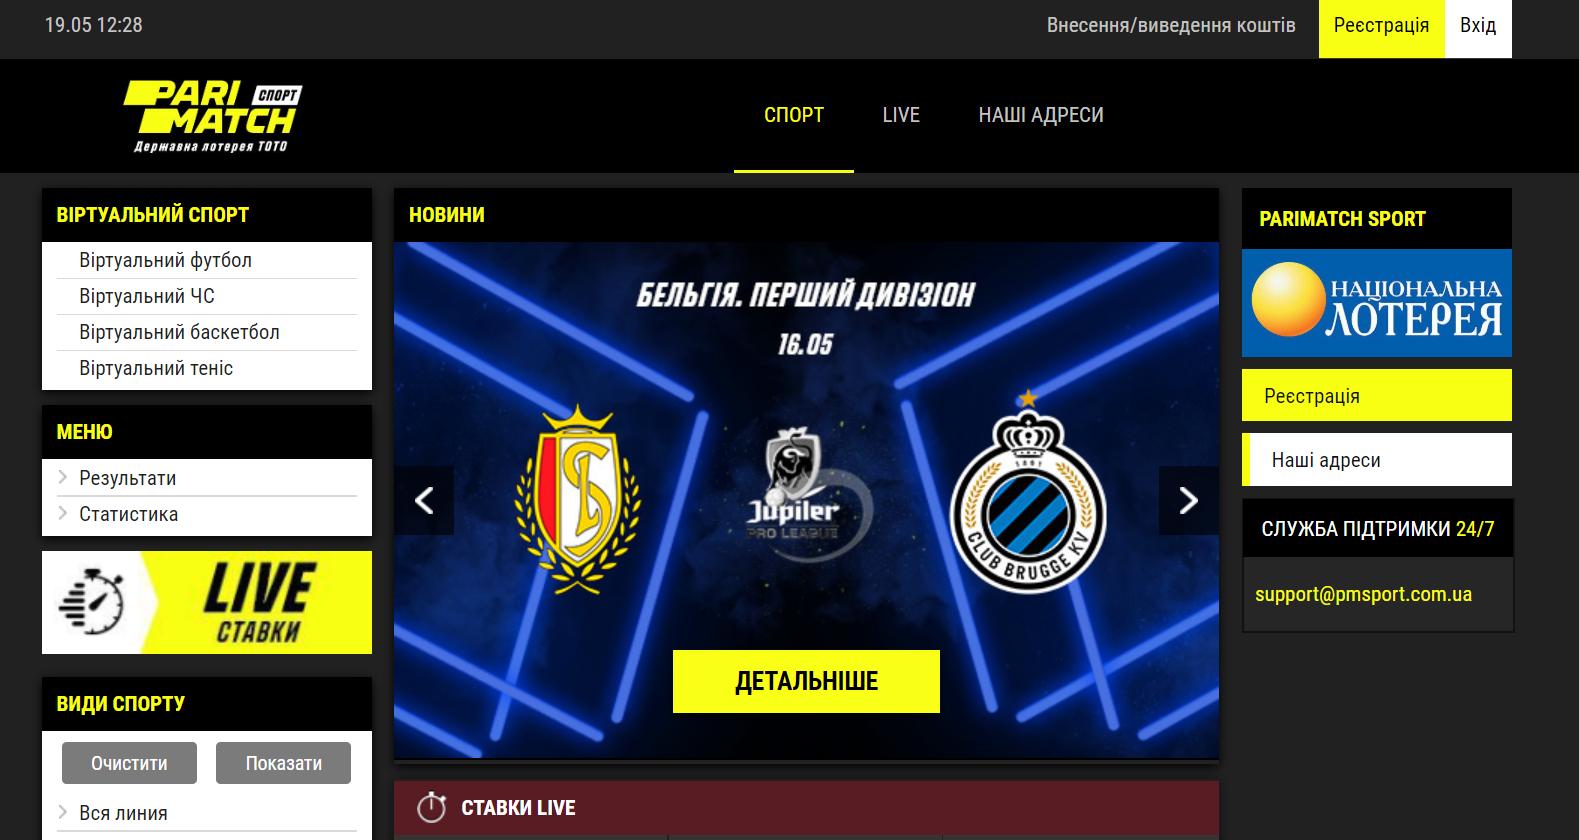 Выгодные ставки на Лигу чемпионов в Париматч